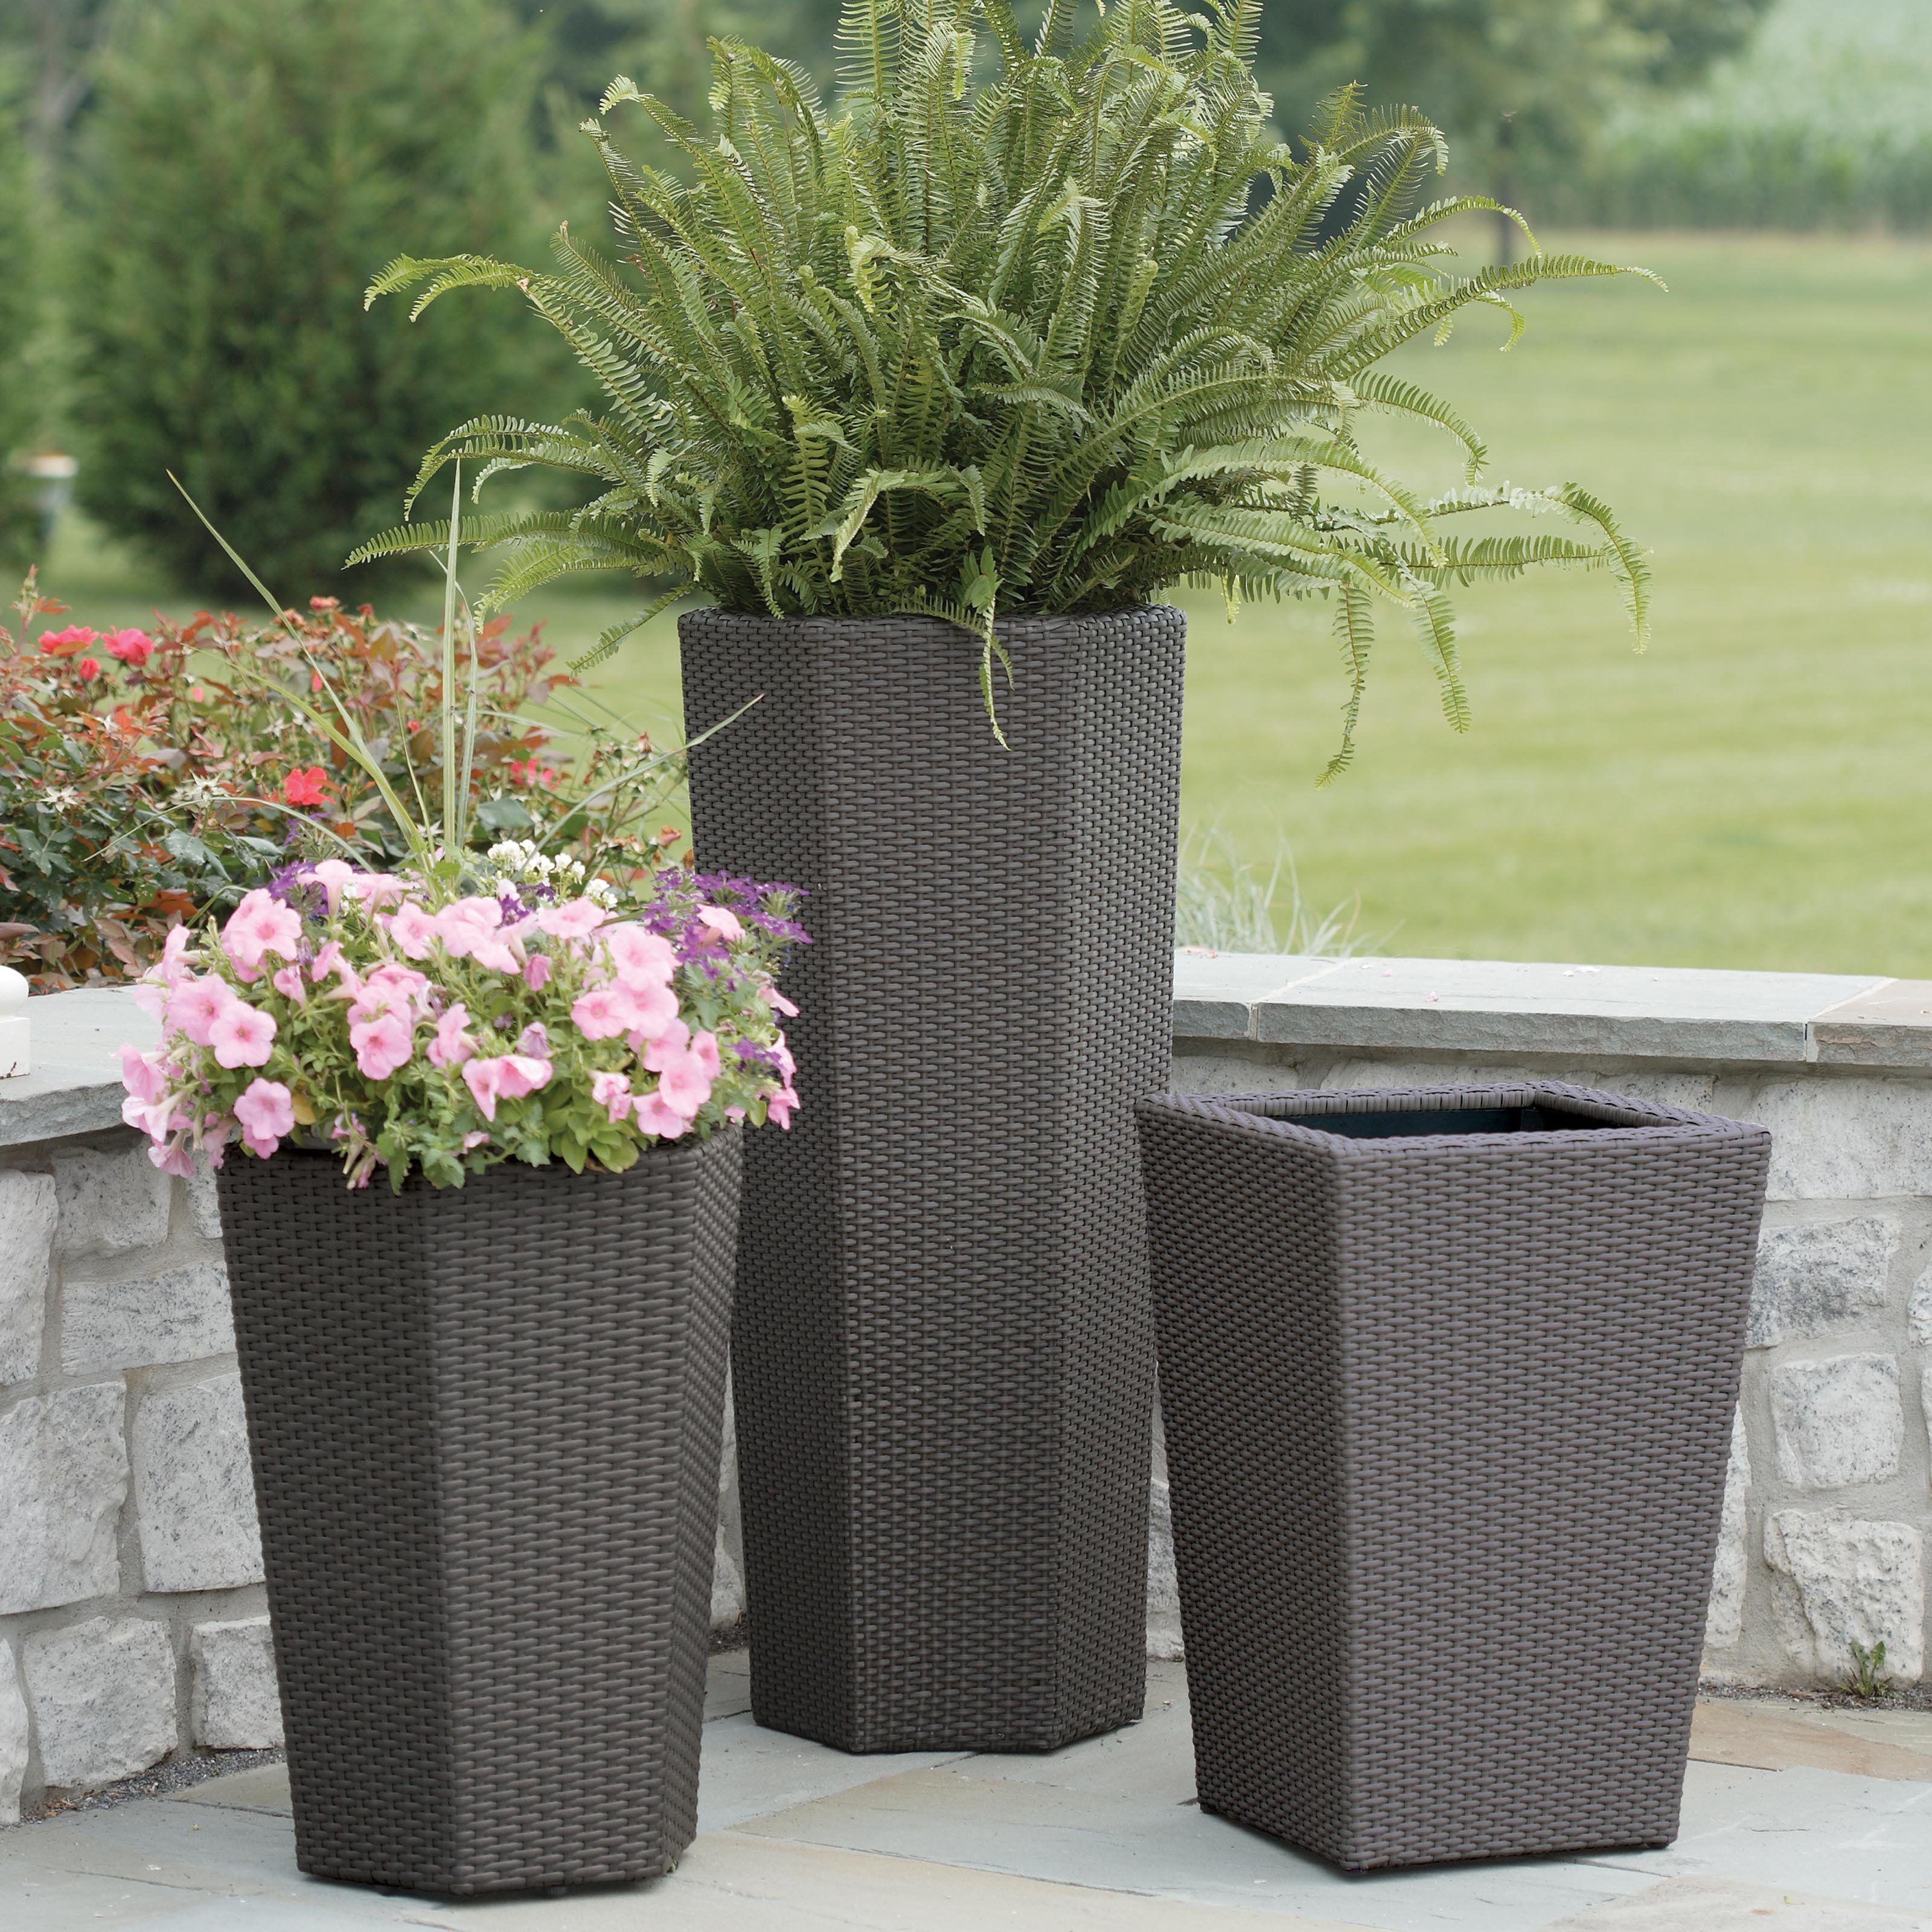 Resin Wicker Vista Planter Outdoor Planters Garden Planters Pots Large Outdoor Planters